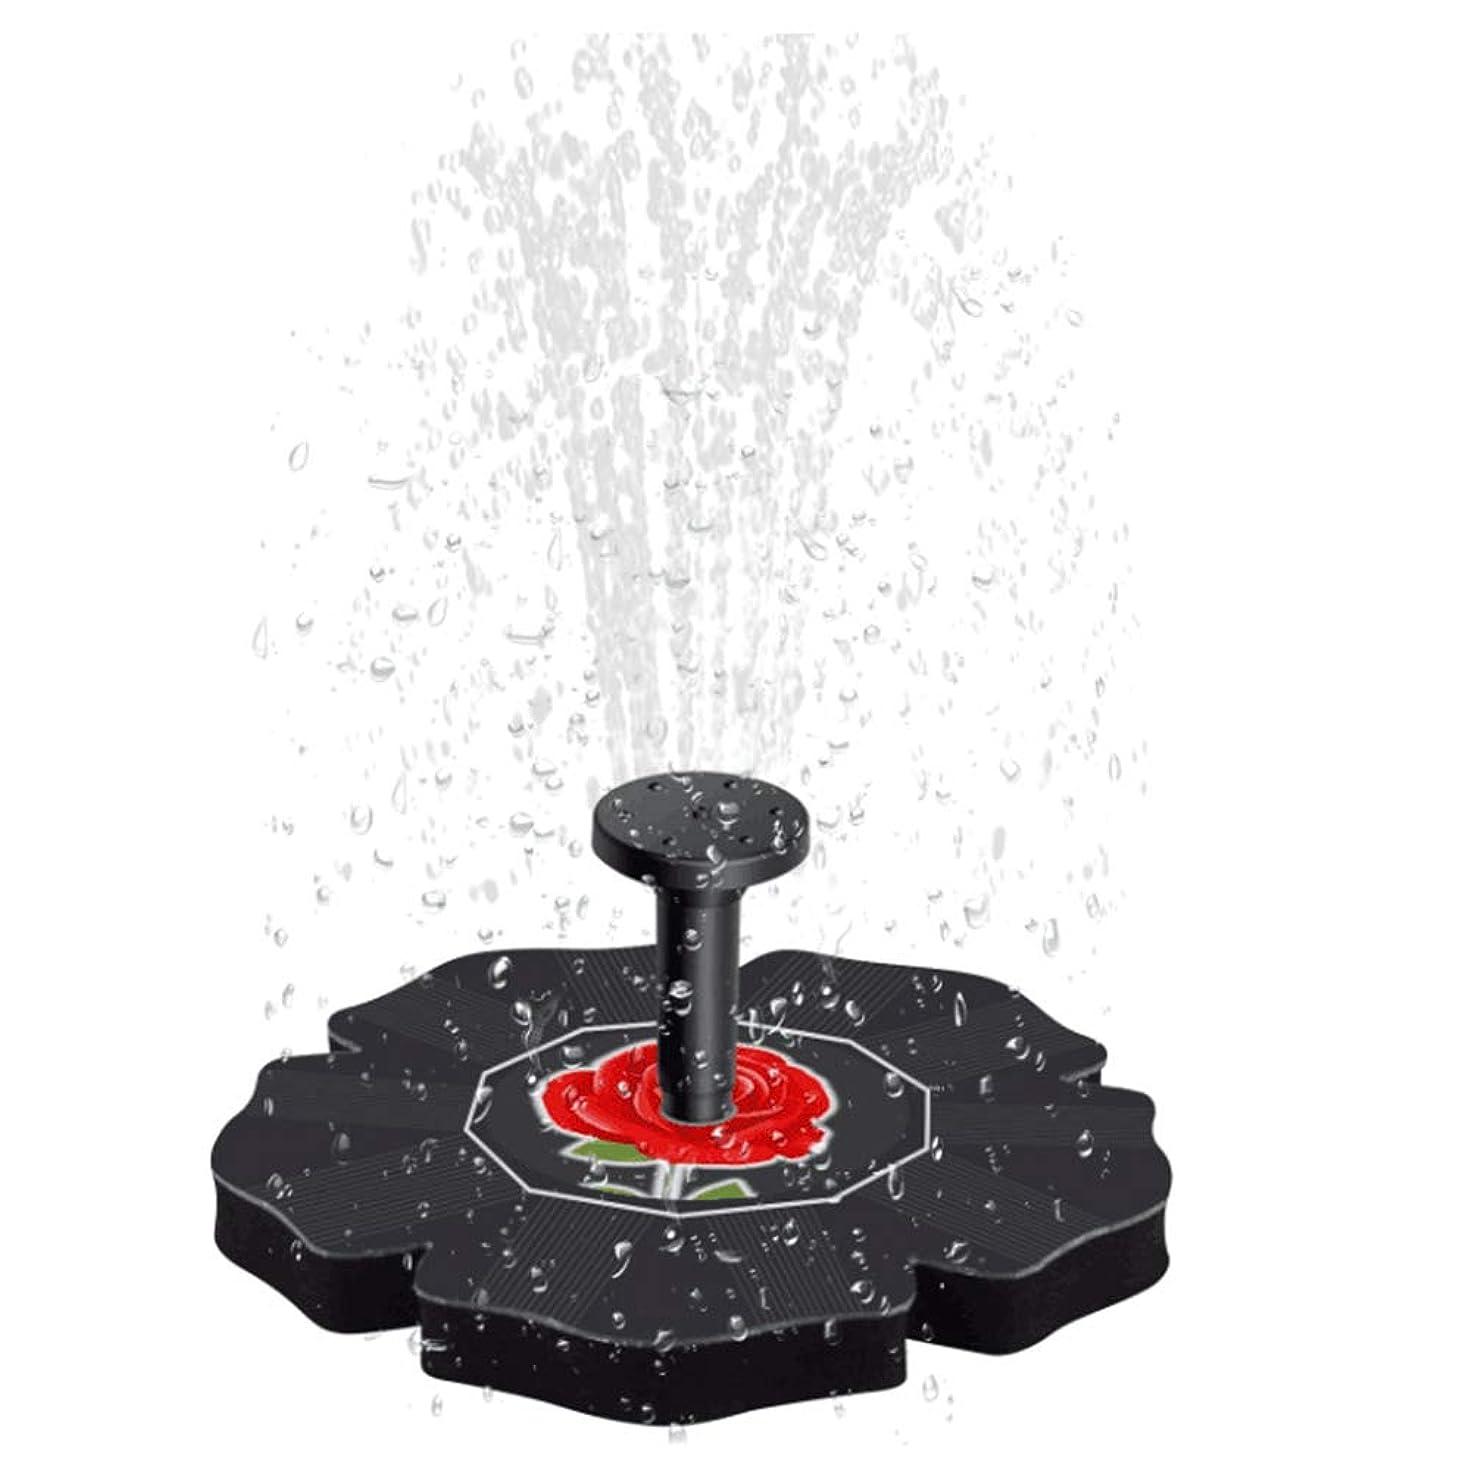 砂鉱夫不正確VOSAREA 鳥風呂噴水水ポンプソーラーパワーポンプブラシレスフローティング漂流パネル用鳥風呂水槽水槽水族館庭の芝生